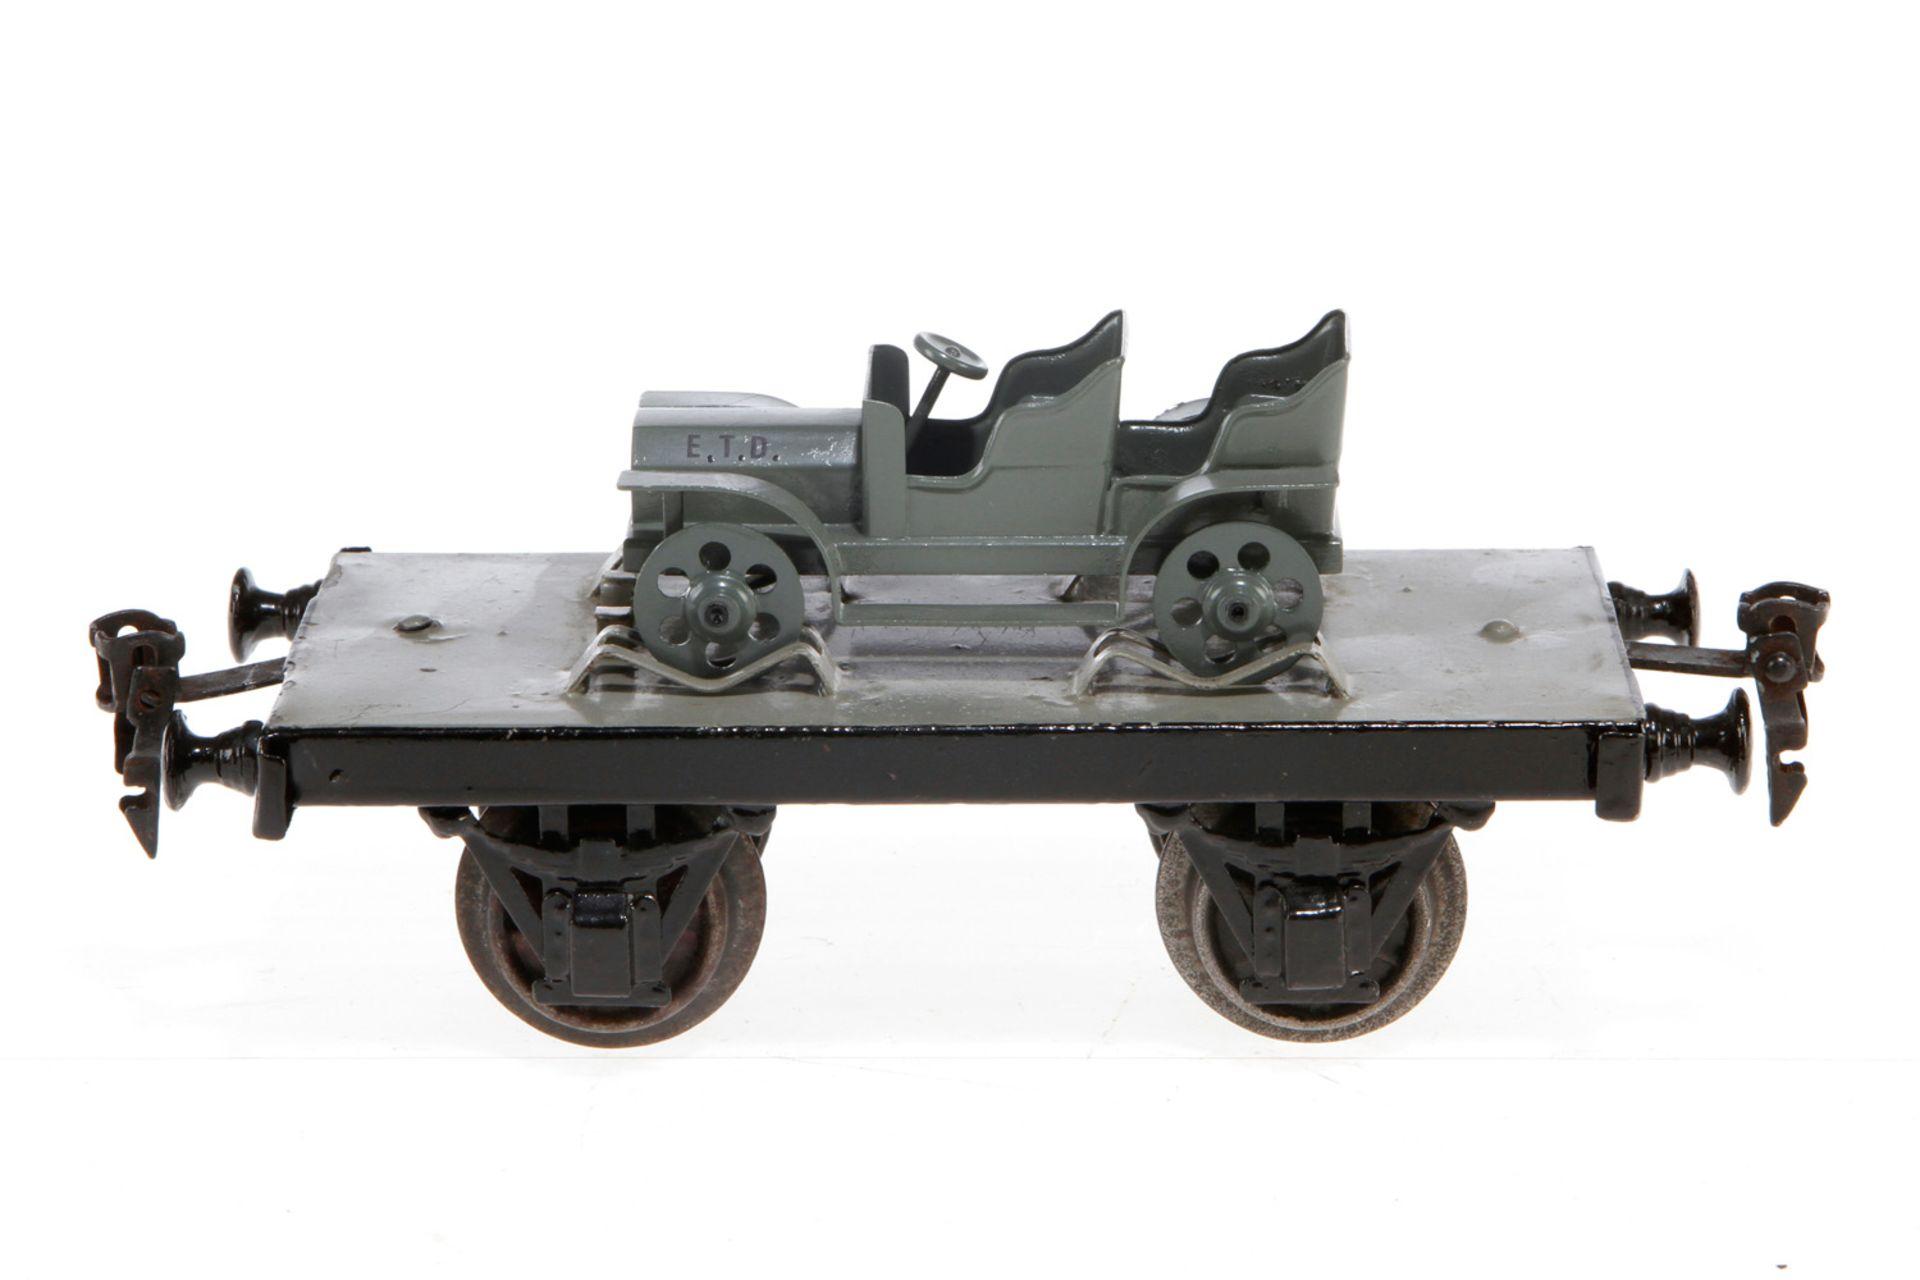 Märklin Militär-Plattformwagen, S 1, uralt, HL, mit Nordmann Fahrzeug, LS und gealterter Lack, L 18,